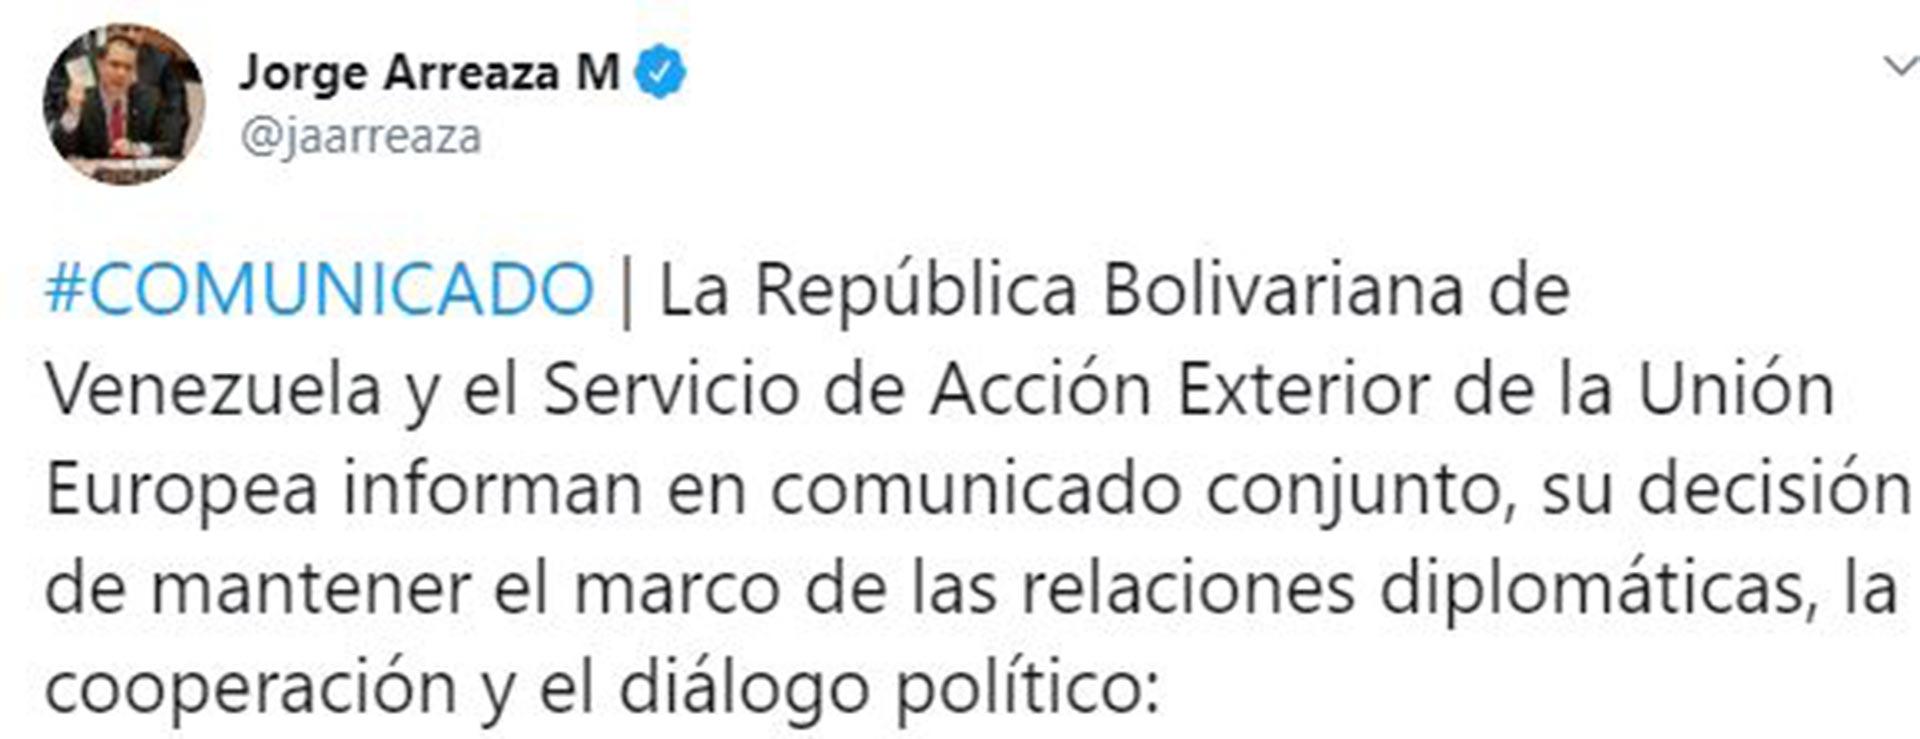 El tuit de Jorge Arreaza